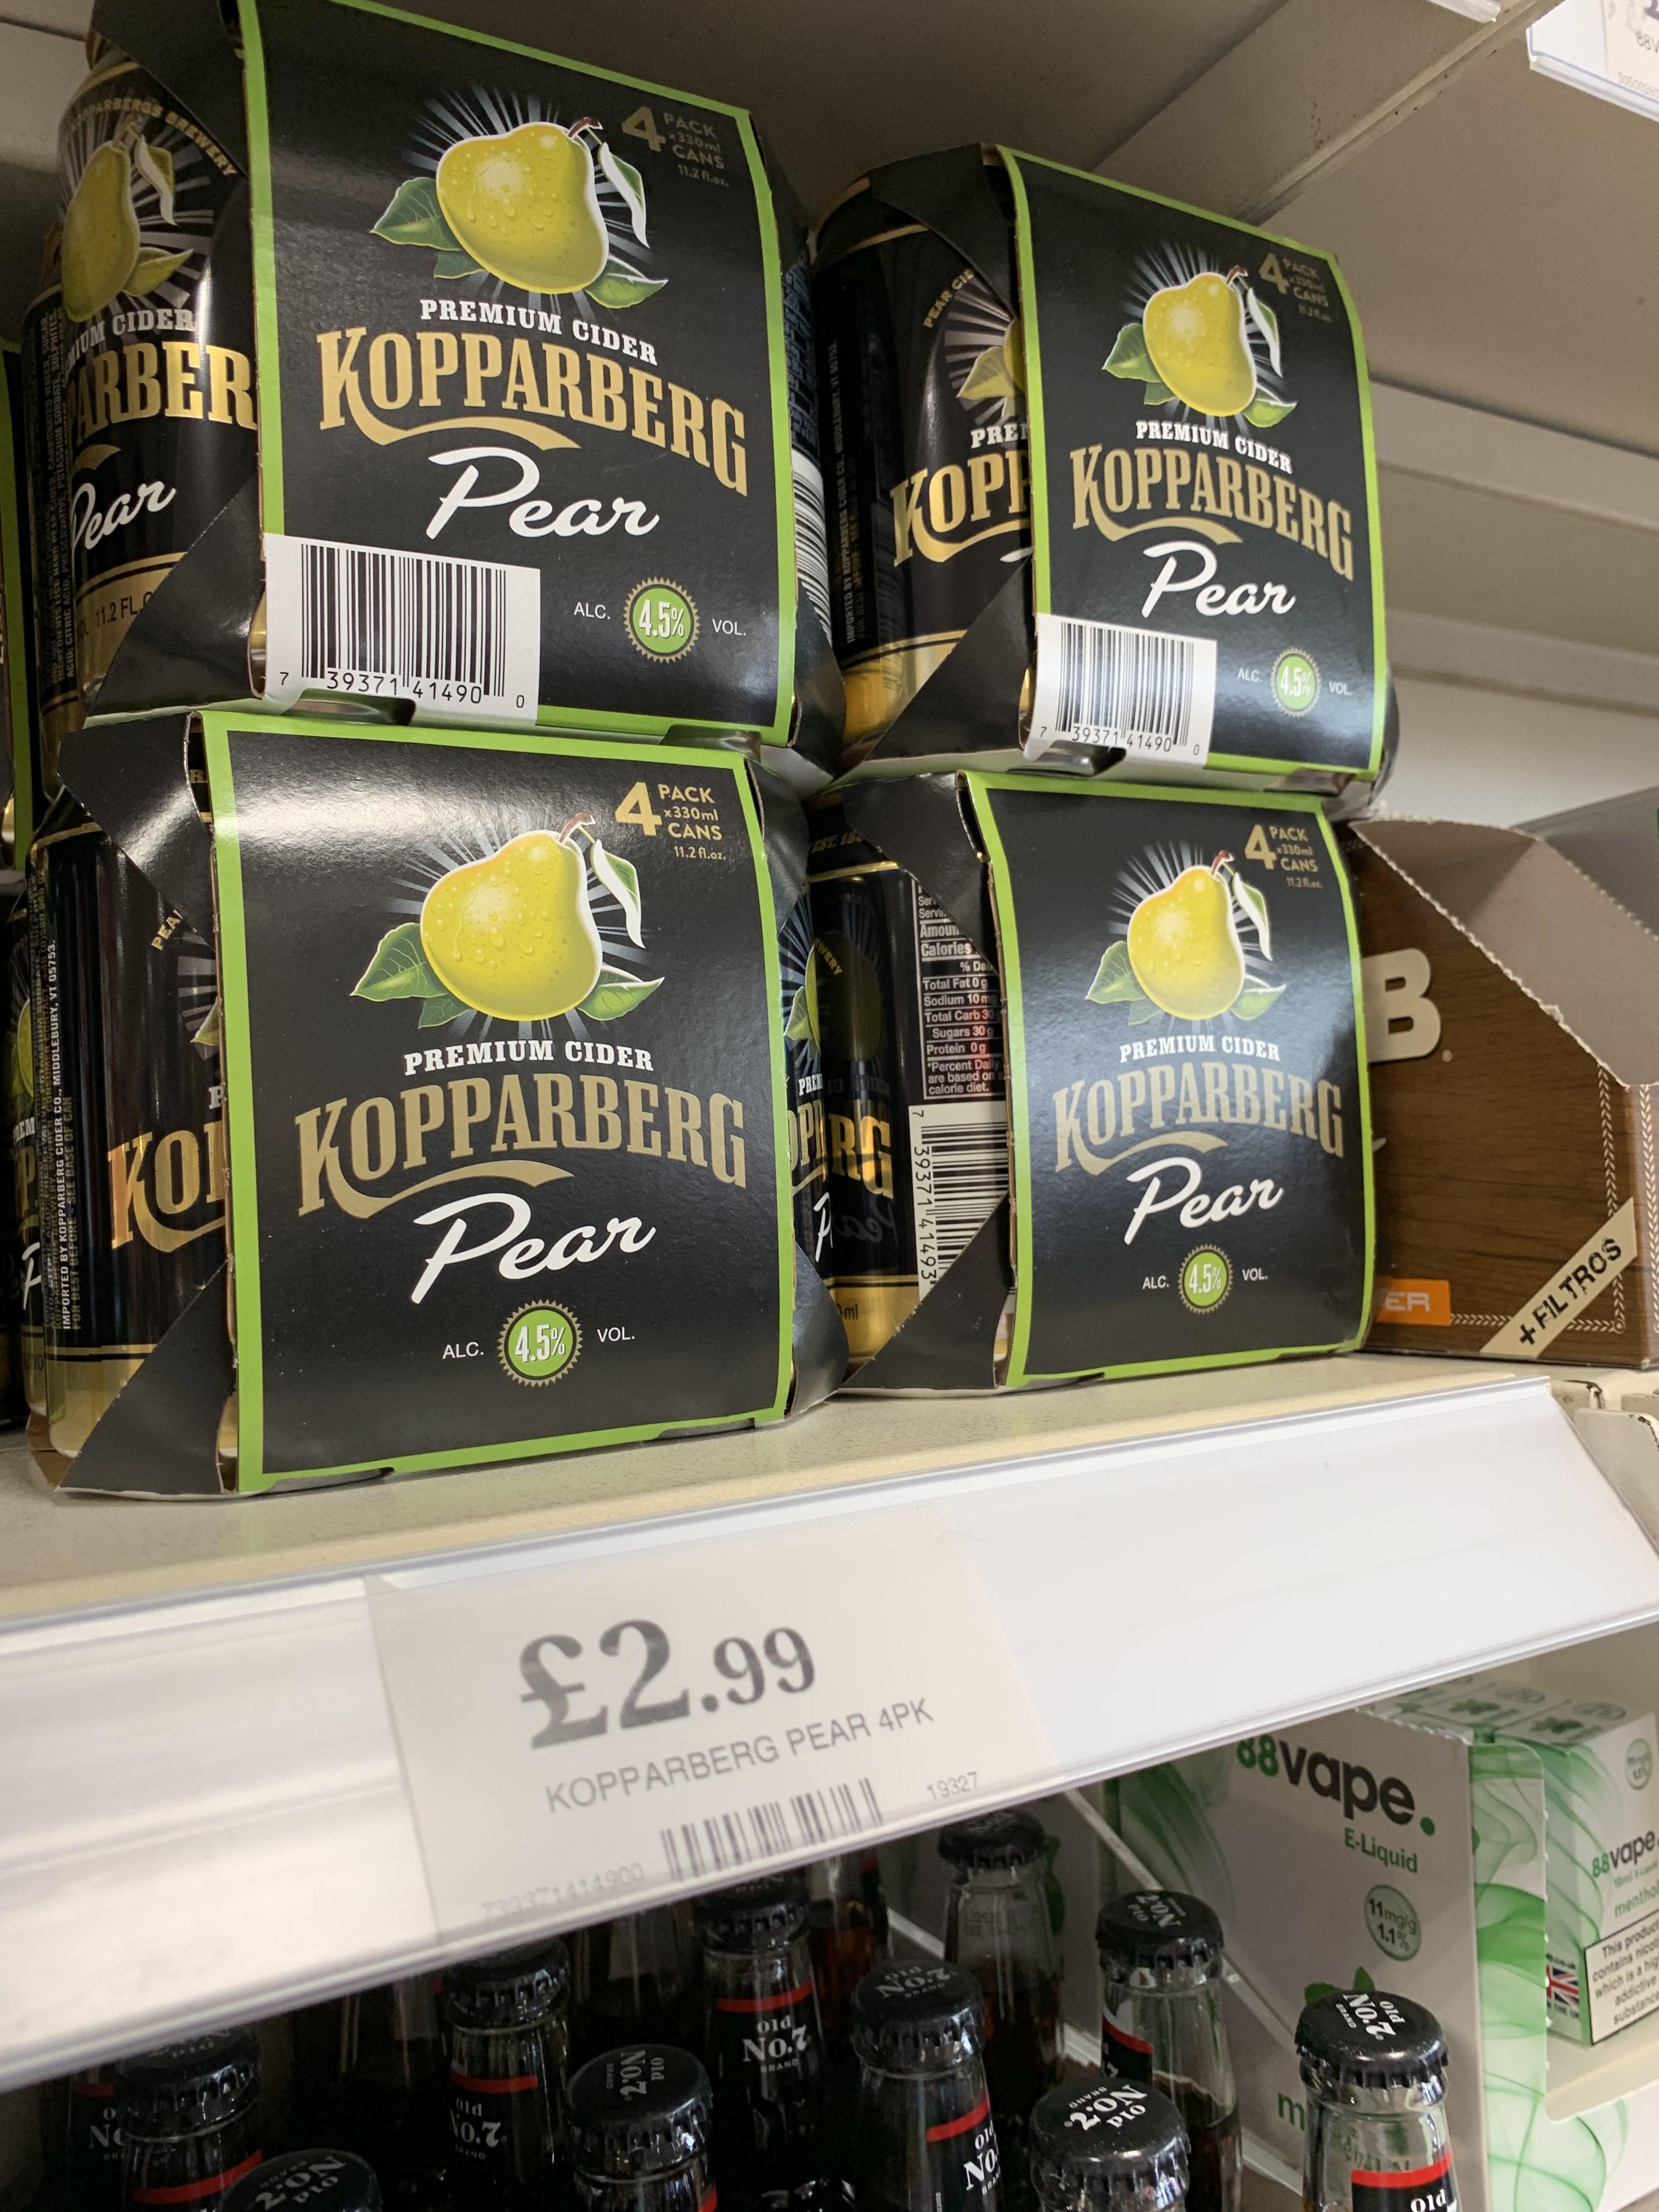 Kopperberg Pear Cider 4x 330ml cans £2.99 @ Home Bargains